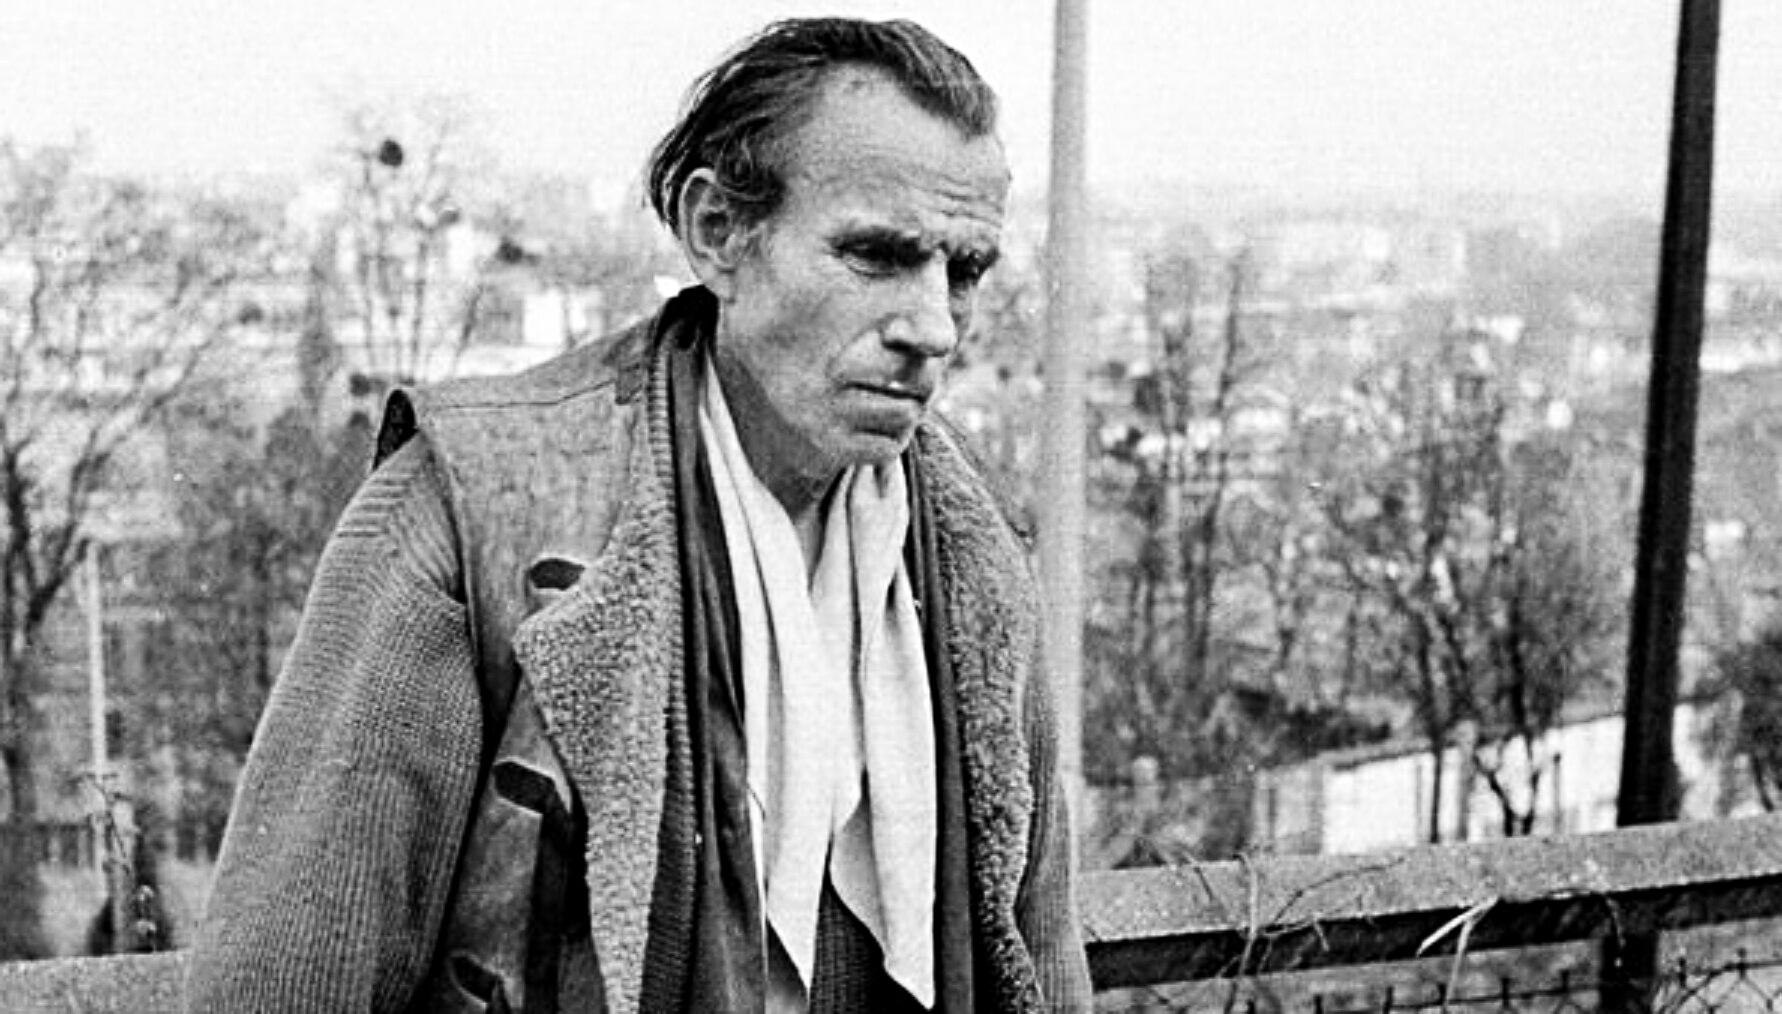 Portrait en noir et blanc et de profil de l'écrivain français Louis-Ferdinand Céline.